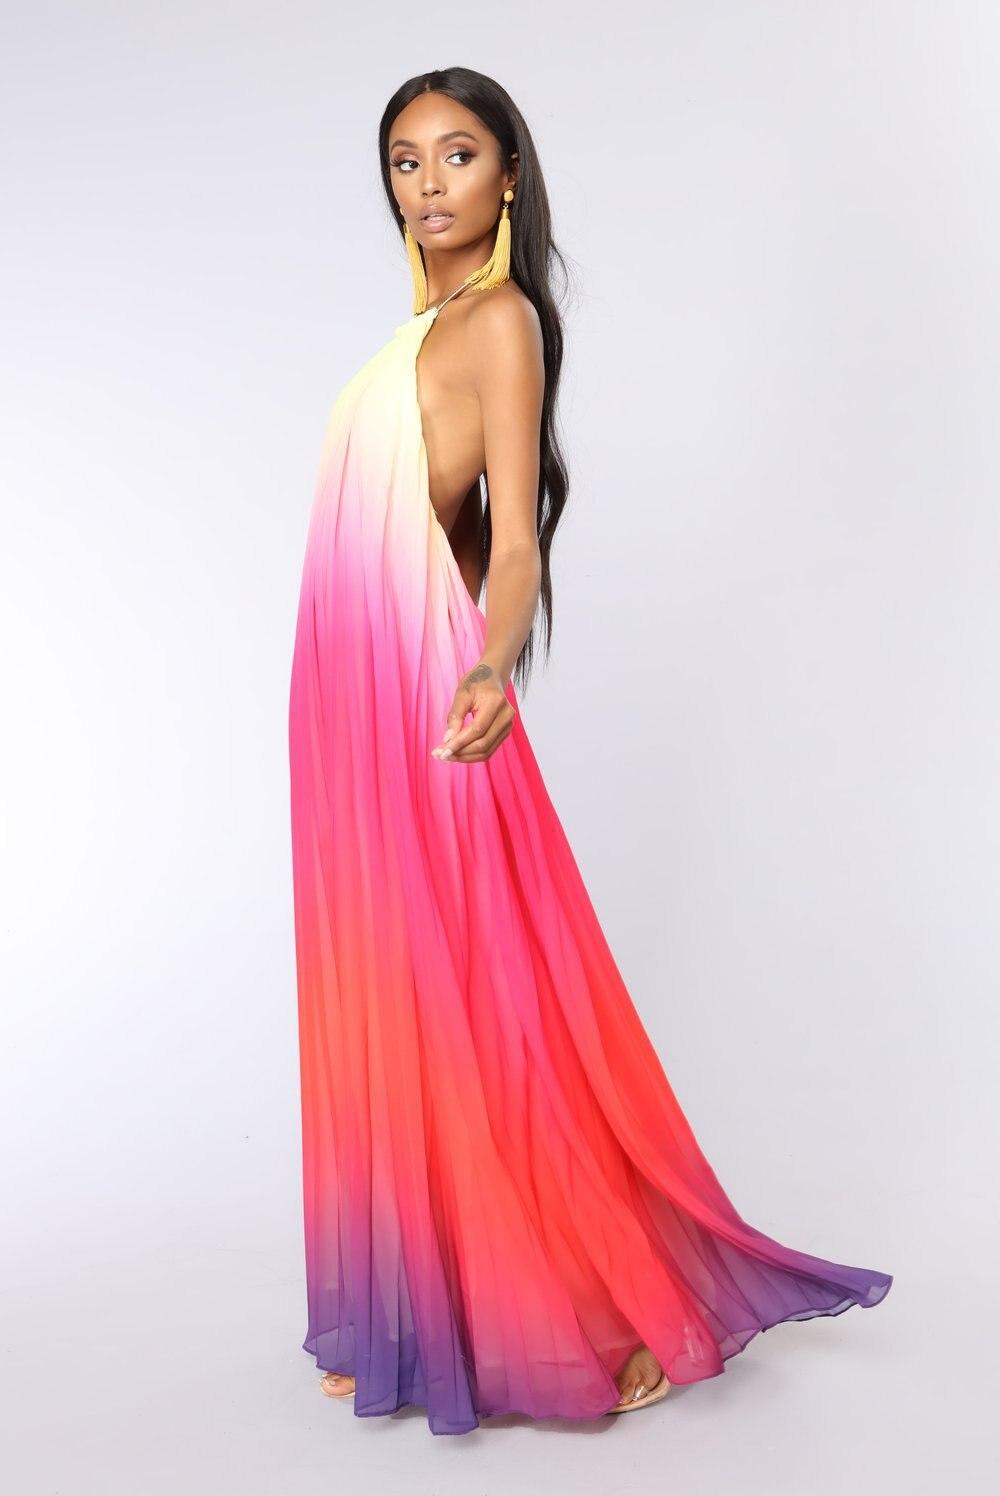 Летнее платье с лямкой на шее, без рукавов, с открытой спиной, плиссированные шифоновые платья макси, длинное повседневное богемное платье